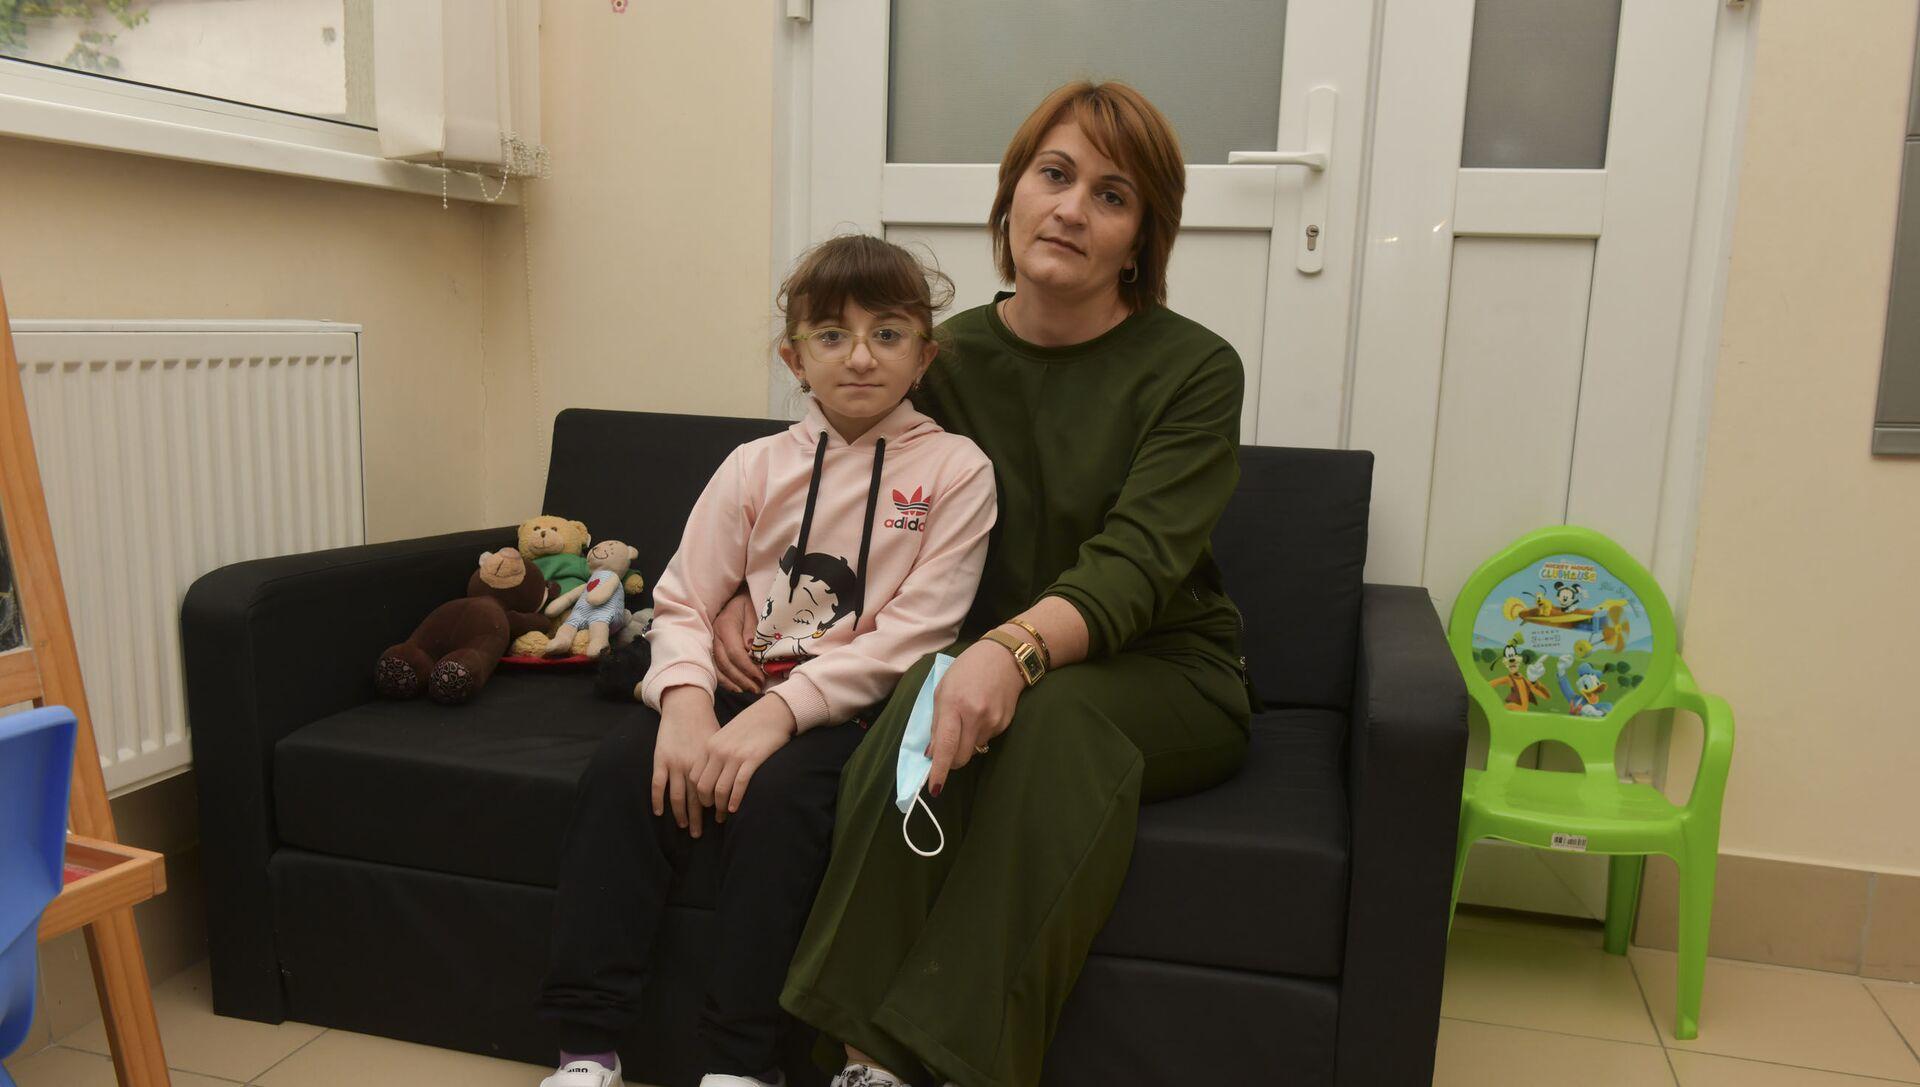 Подопечная фонда Ашана Аслана Джинджолия с мамой  - Sputnik Аҧсны, 1920, 05.10.2021